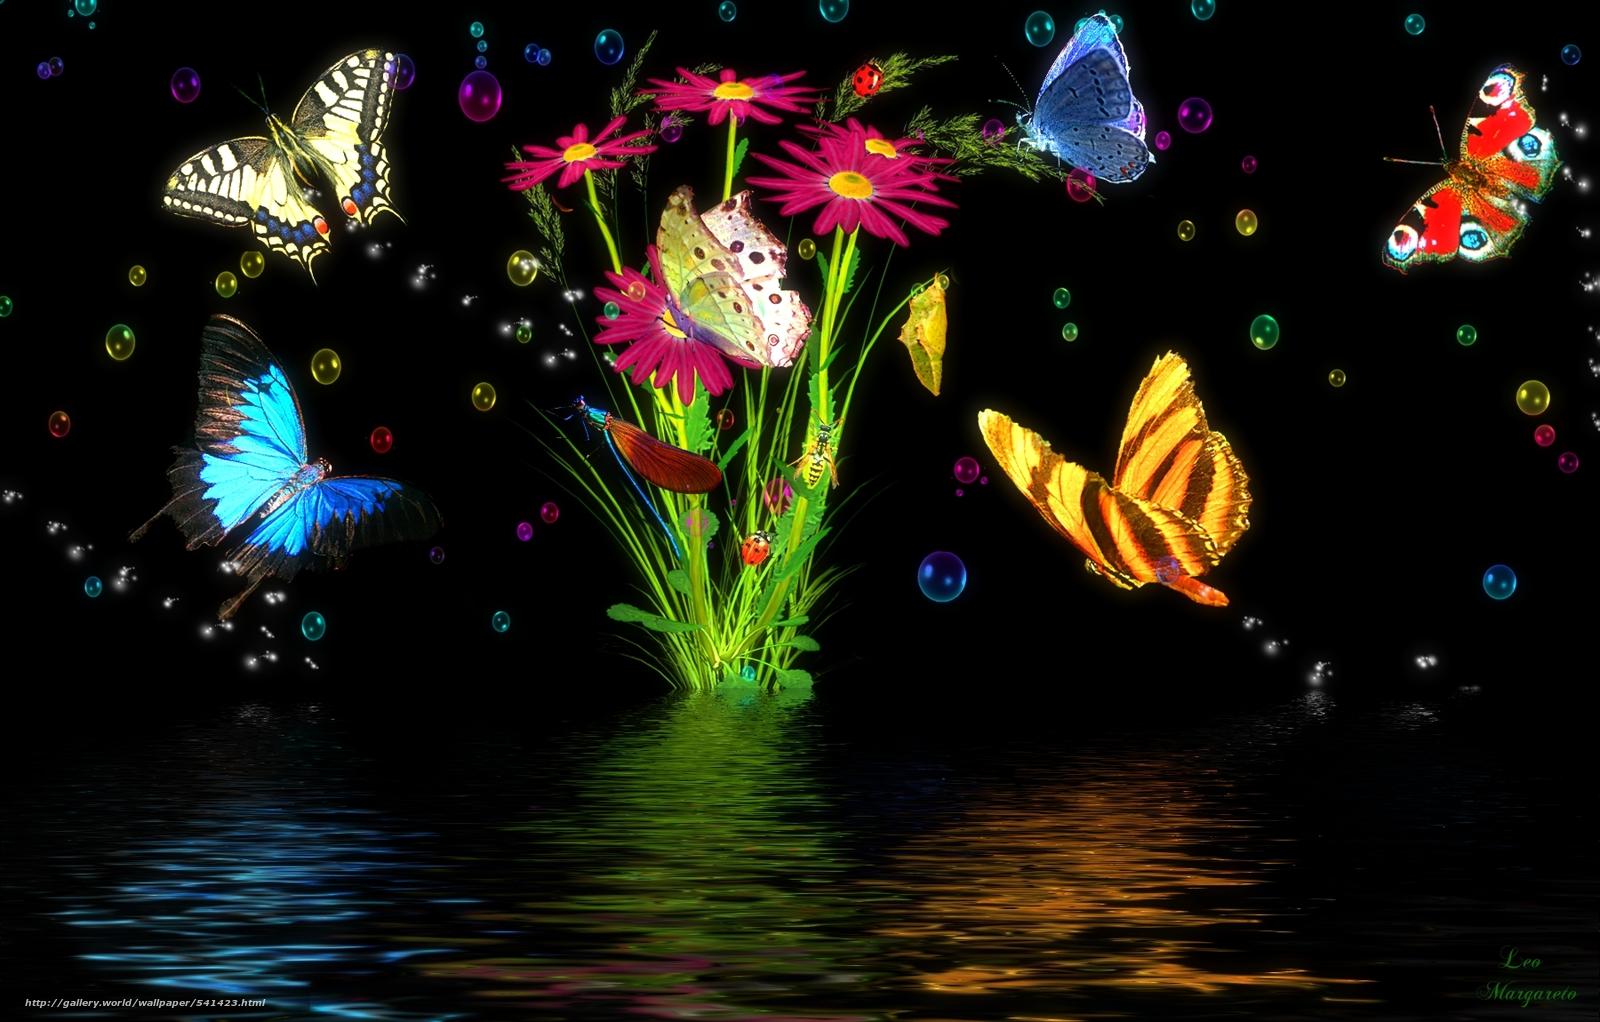 Scaricare gli sfondi farfalle fiori 3d sfondi gratis per for Immagini farfalle per desktop